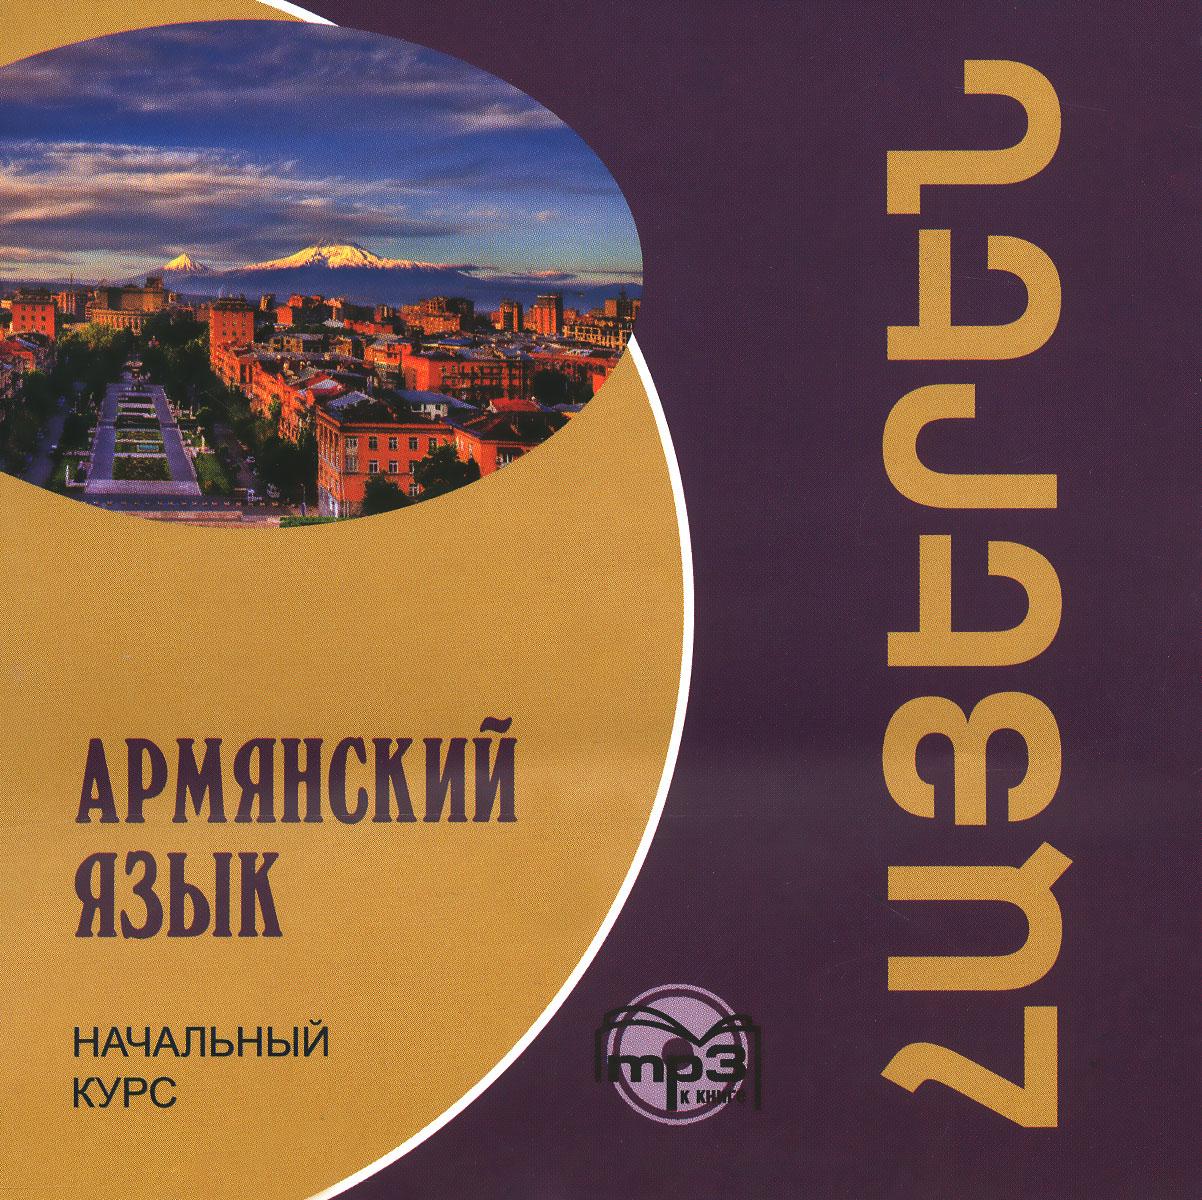 аудио уроки по армянскому языку скачать бесплатно